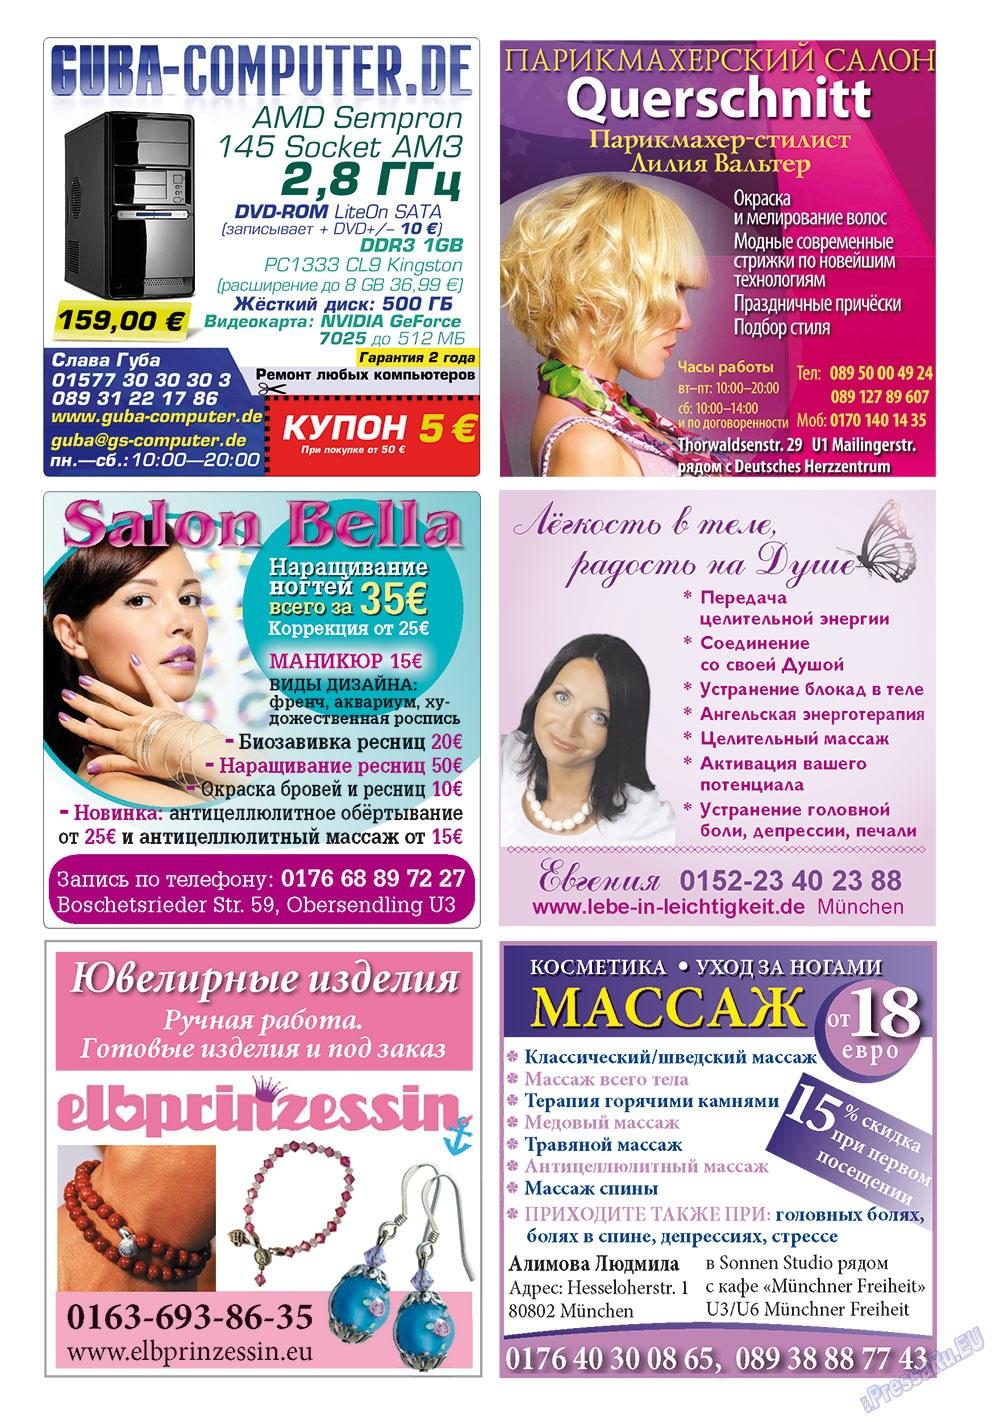 Апельсин (журнал). 2011 год, номер 29, стр. 19